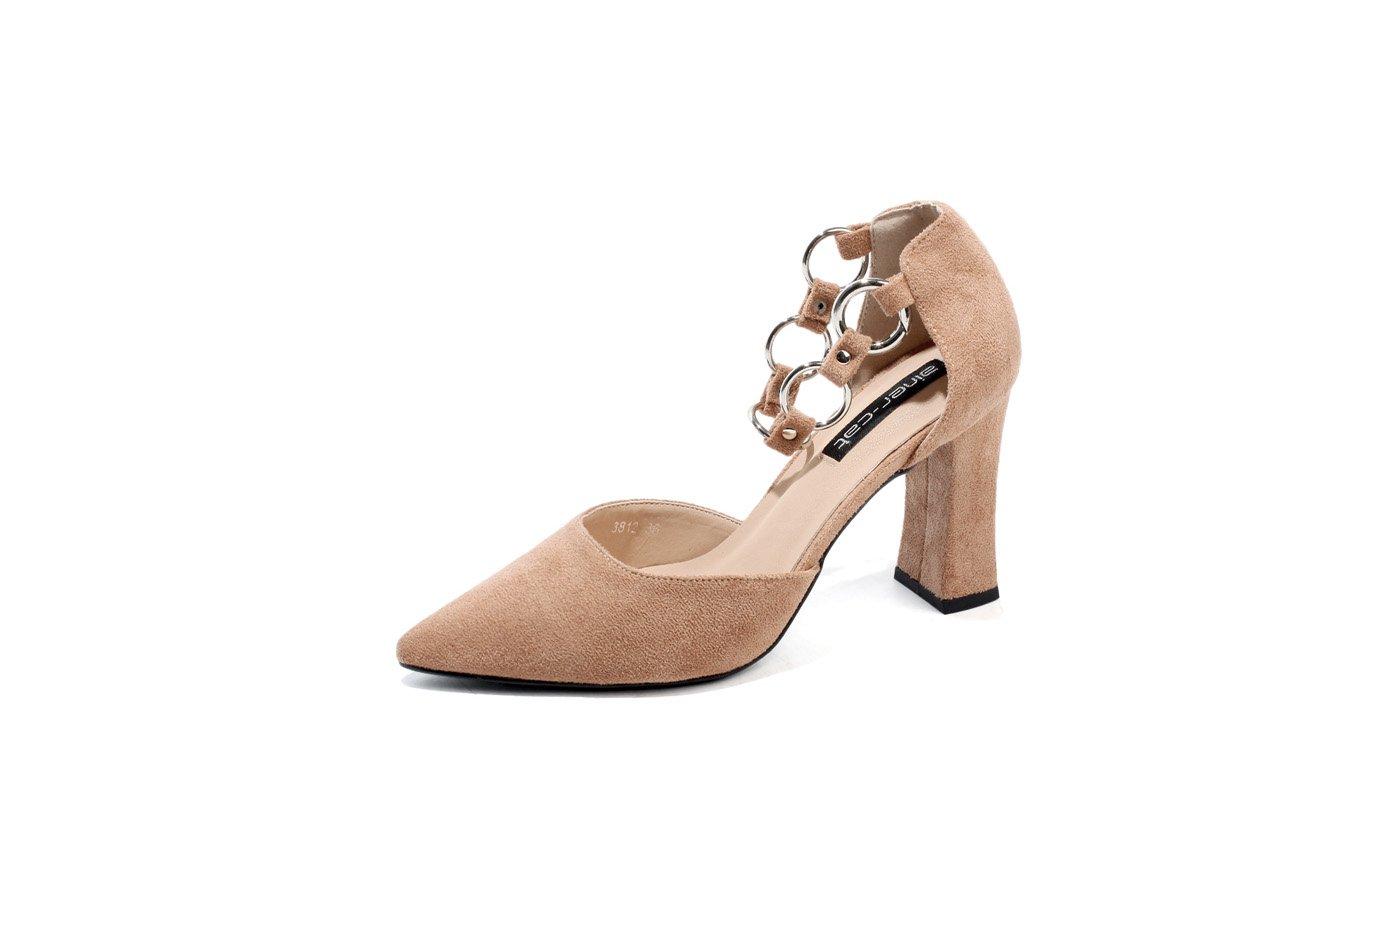 DANDANJIE damen schuhe Sommer Schnalle Knöchelriemen High Stöckelabsatz Spitze Suede-PU Court Schuhe (Farbe   Khaki, Größe   38)